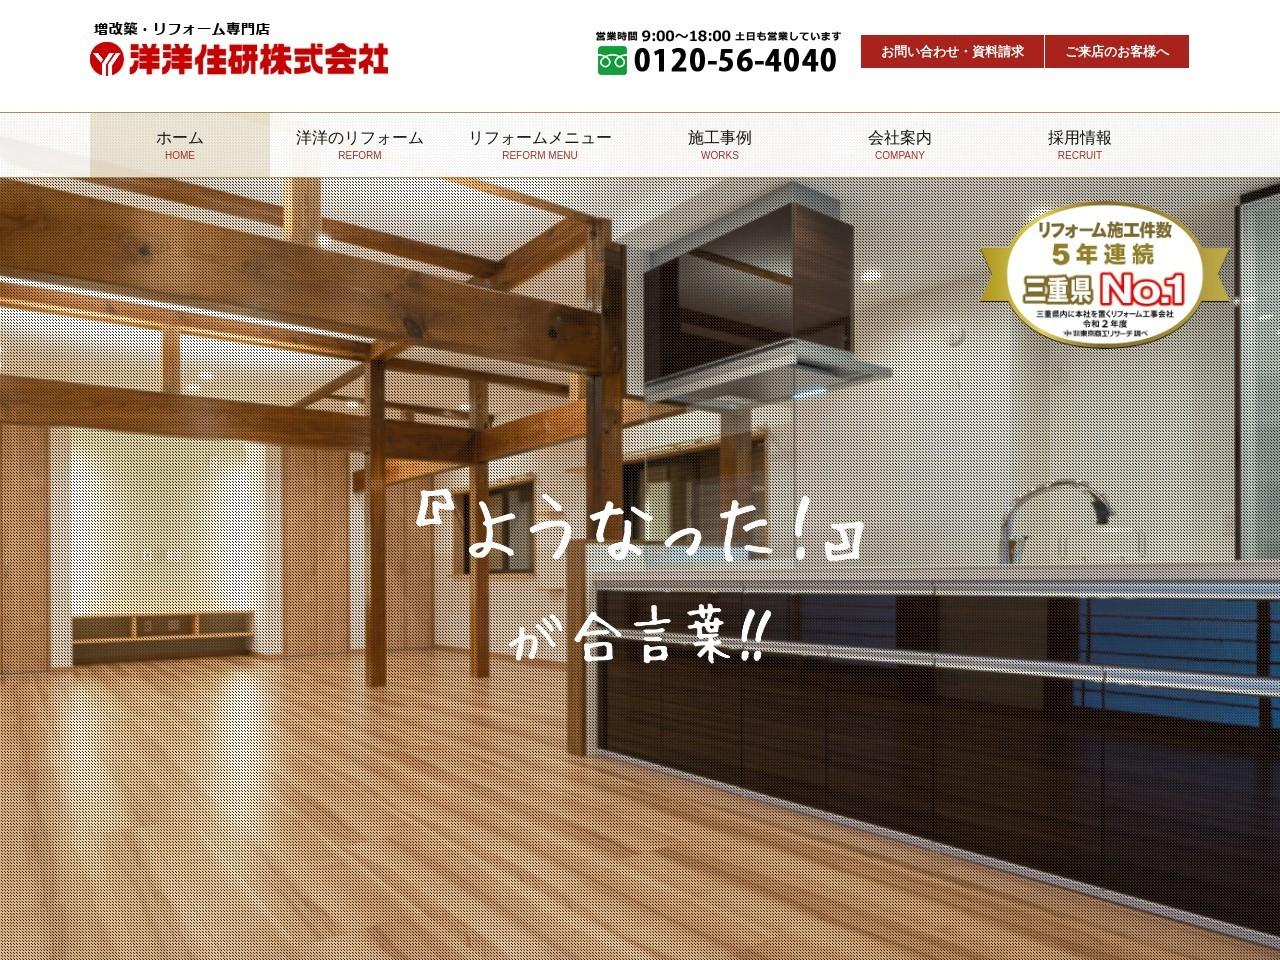 洋洋住研株式会社